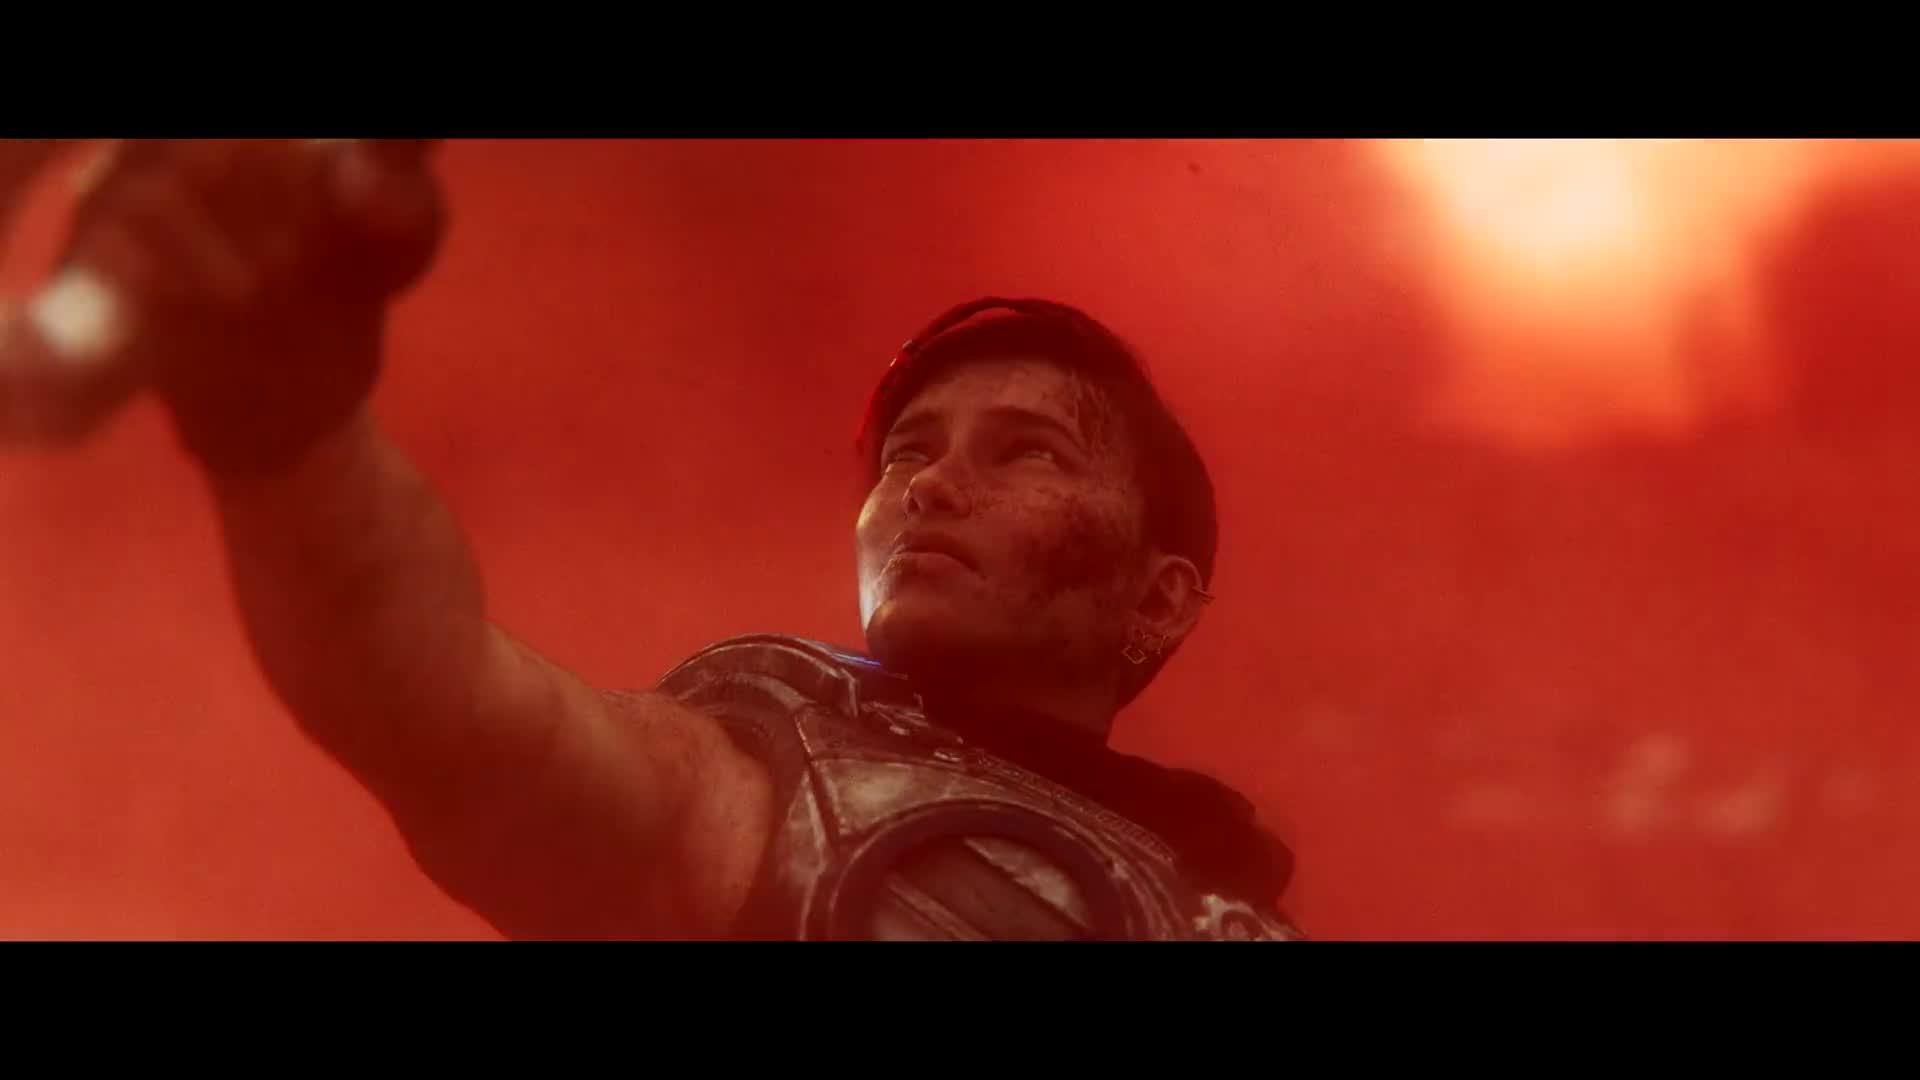 Microsoft, Trailer, Windows 10, Xbox, Xbox One, actionspiel, Microsoft Xbox One, Gears of War, Gears 5, Gears of War 5